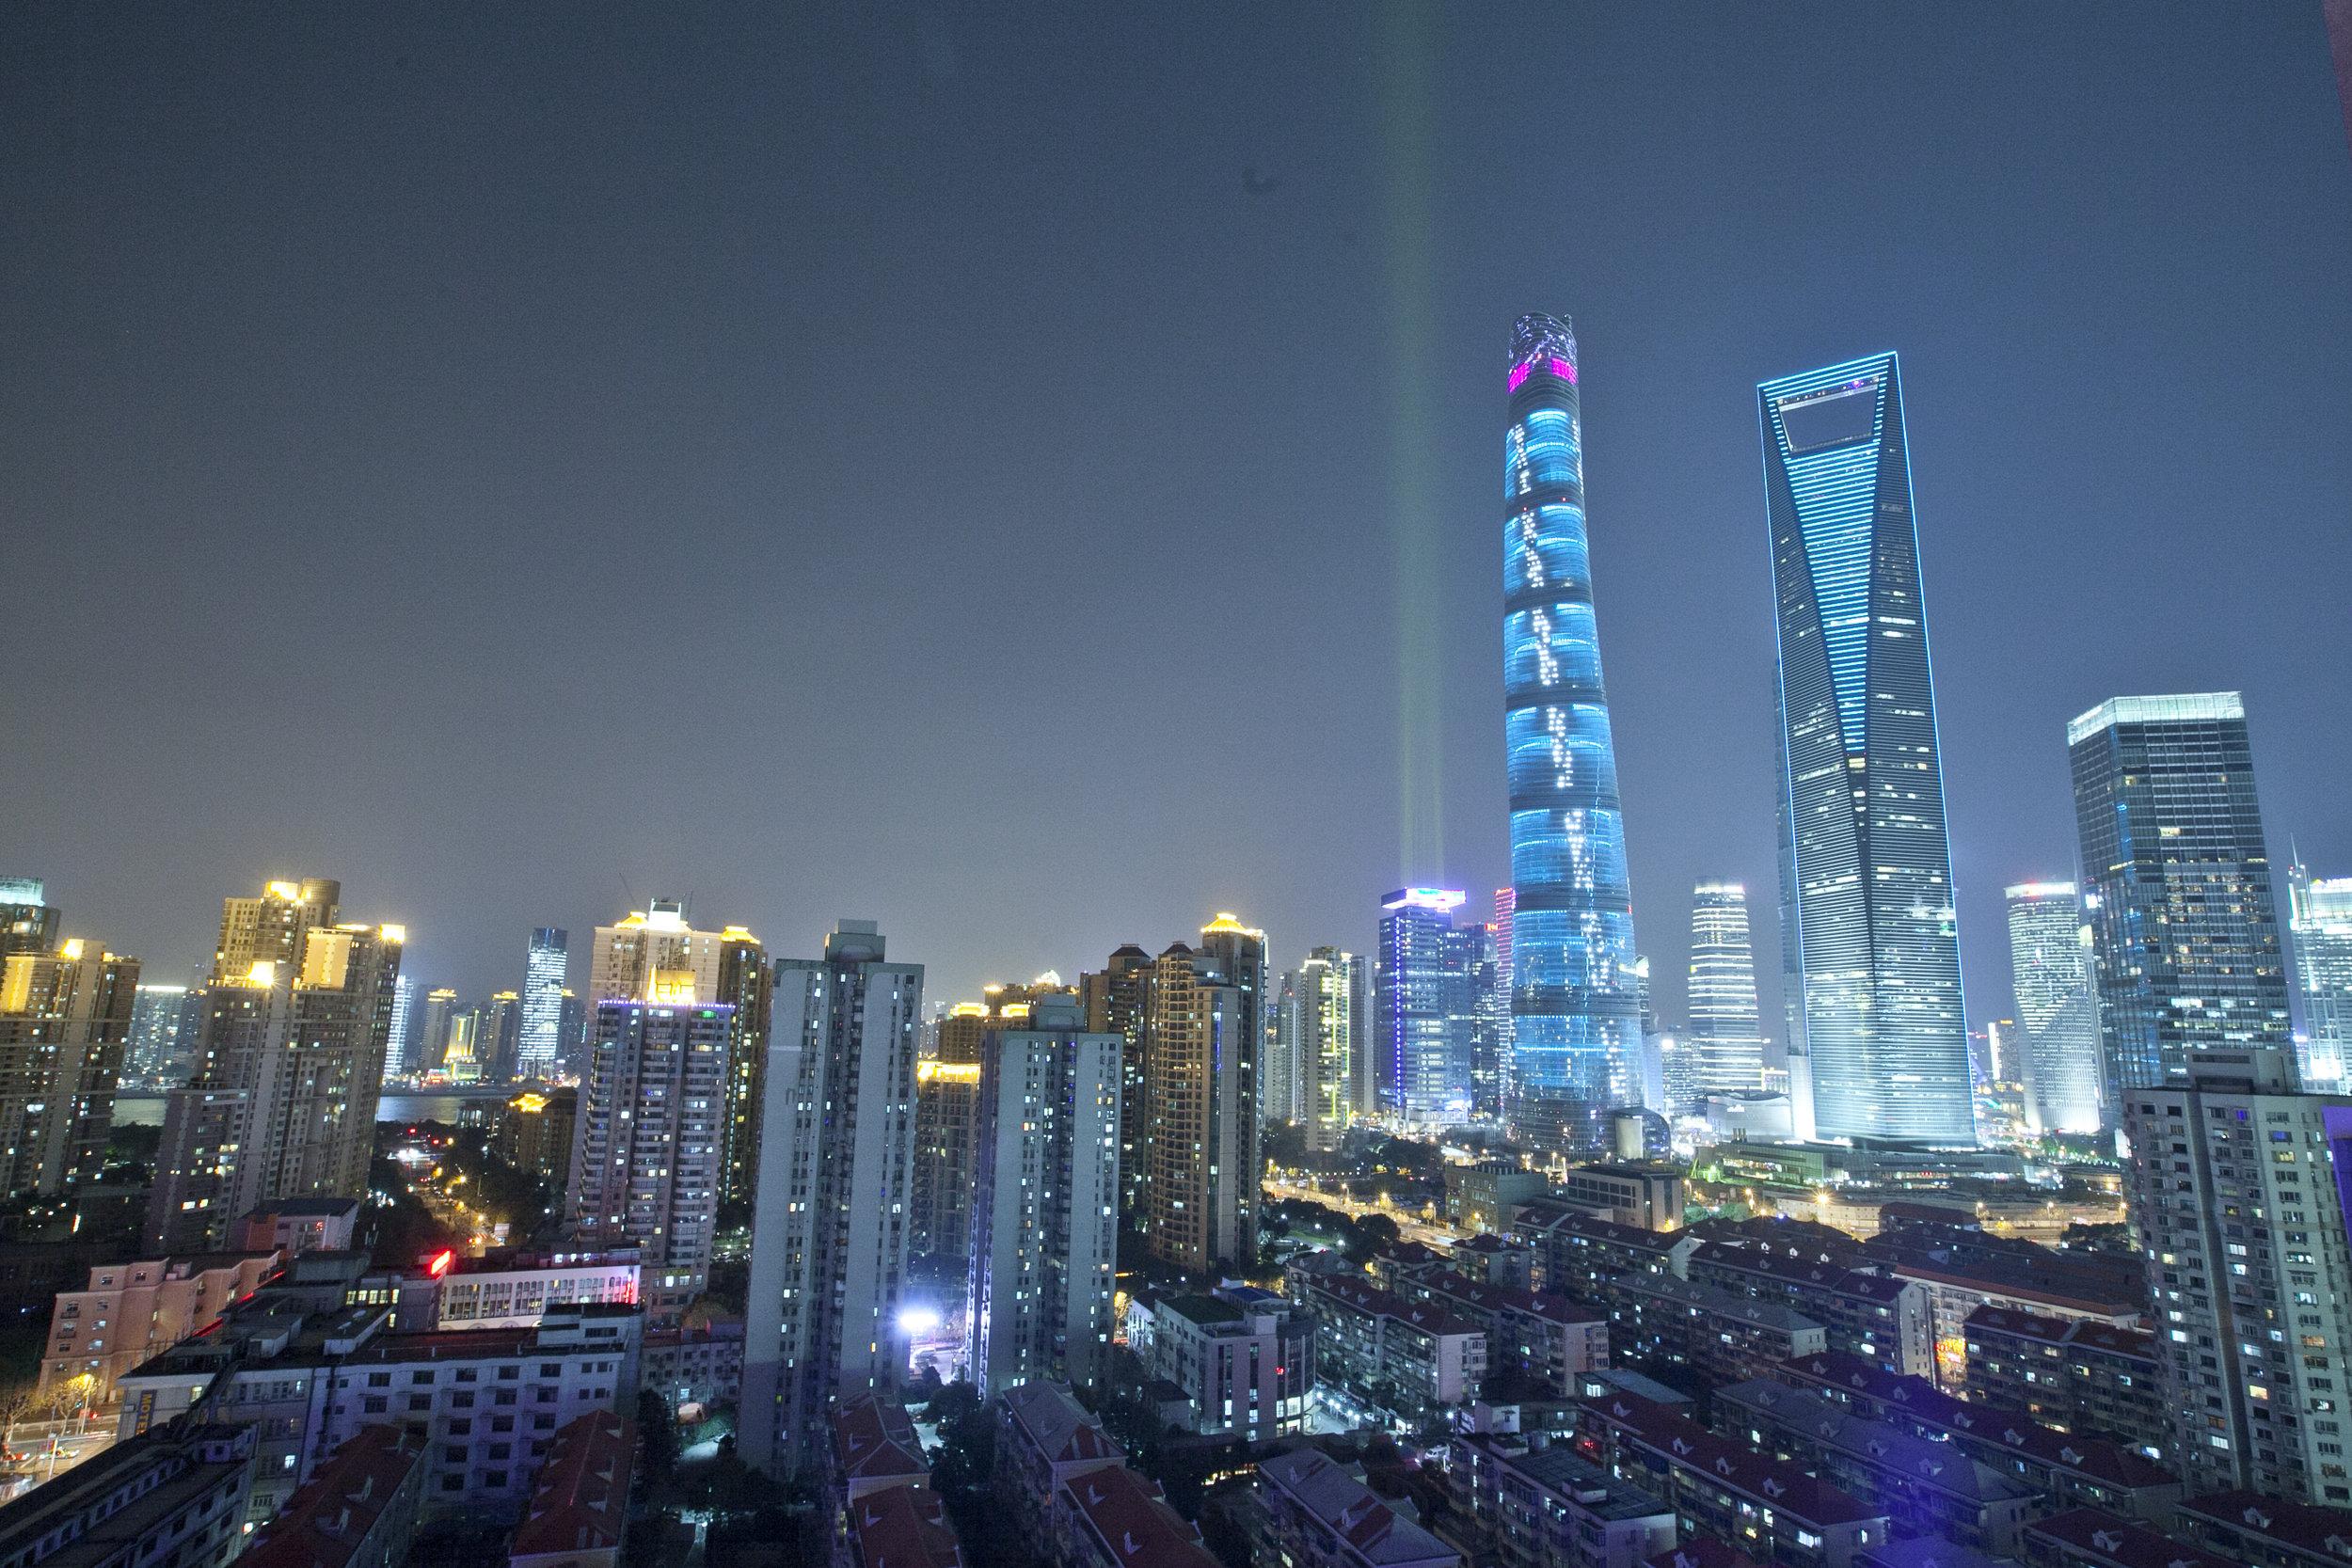 Shanghai Tower 001.jpg